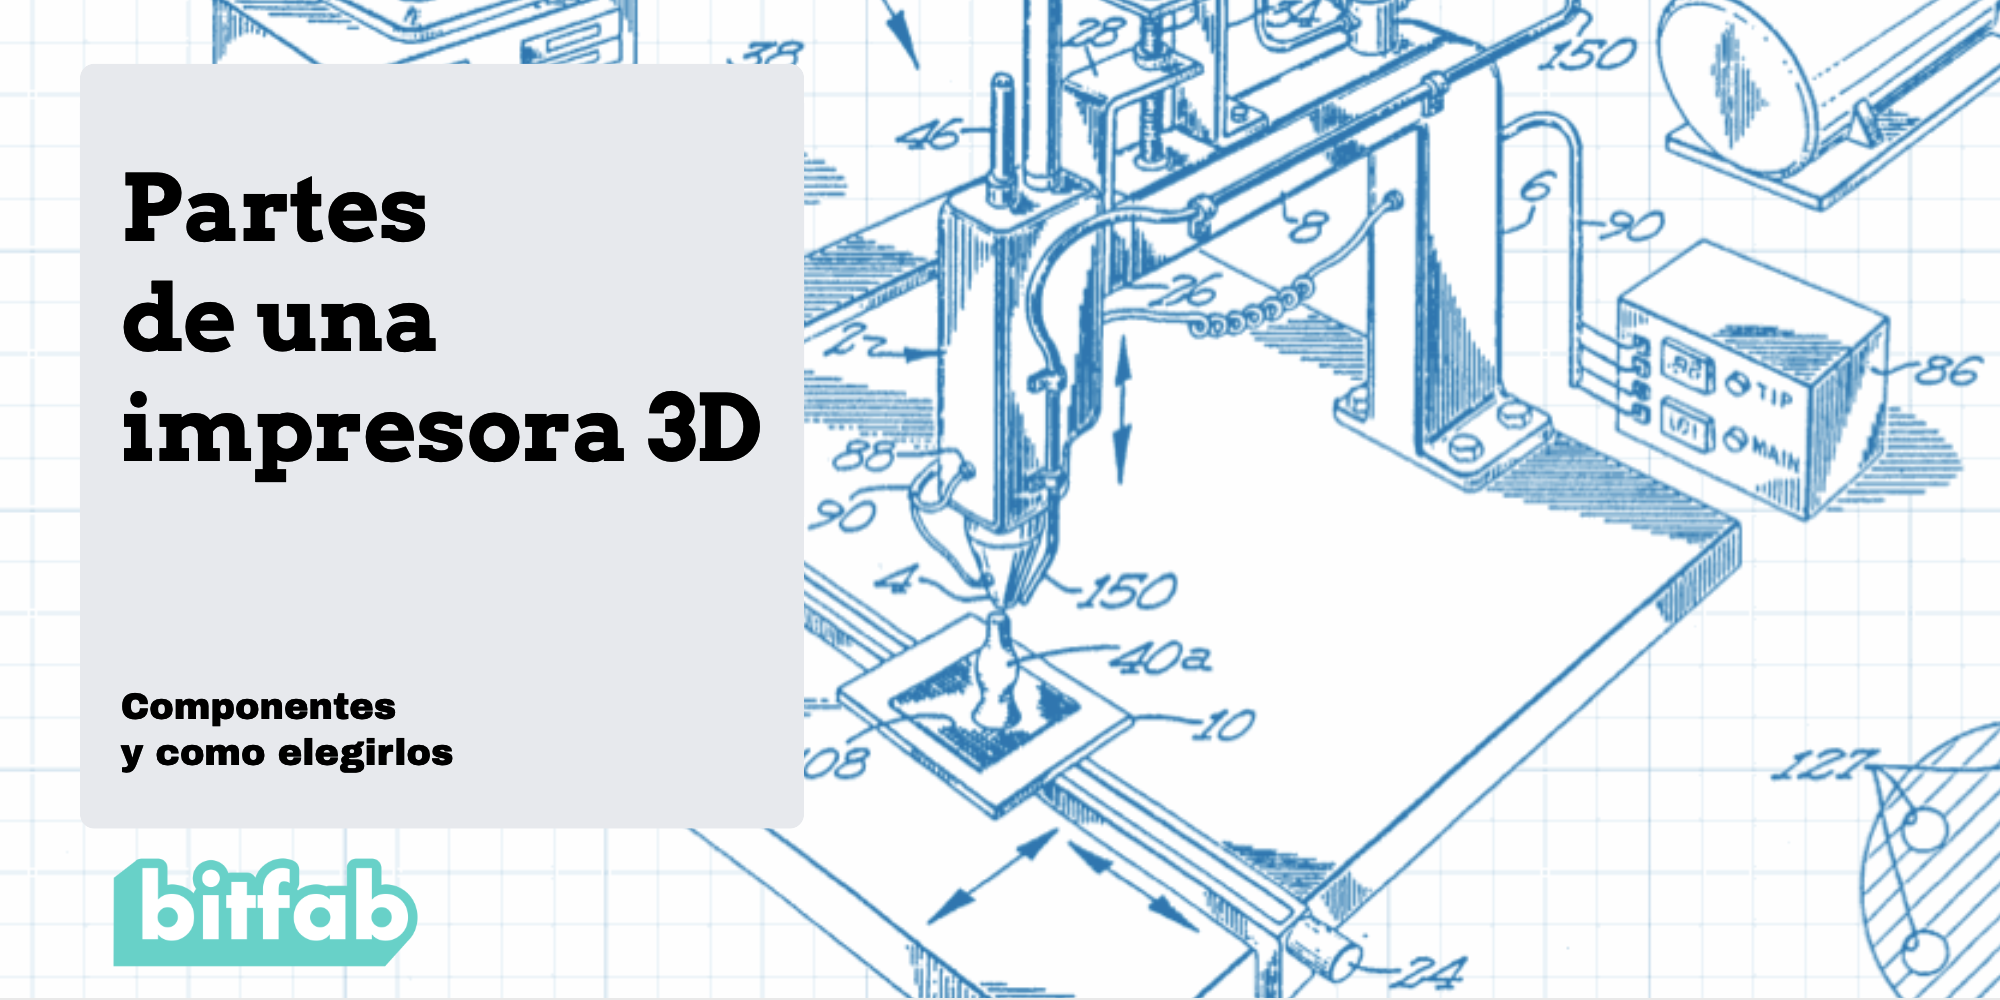 Partes de una impresora 3D